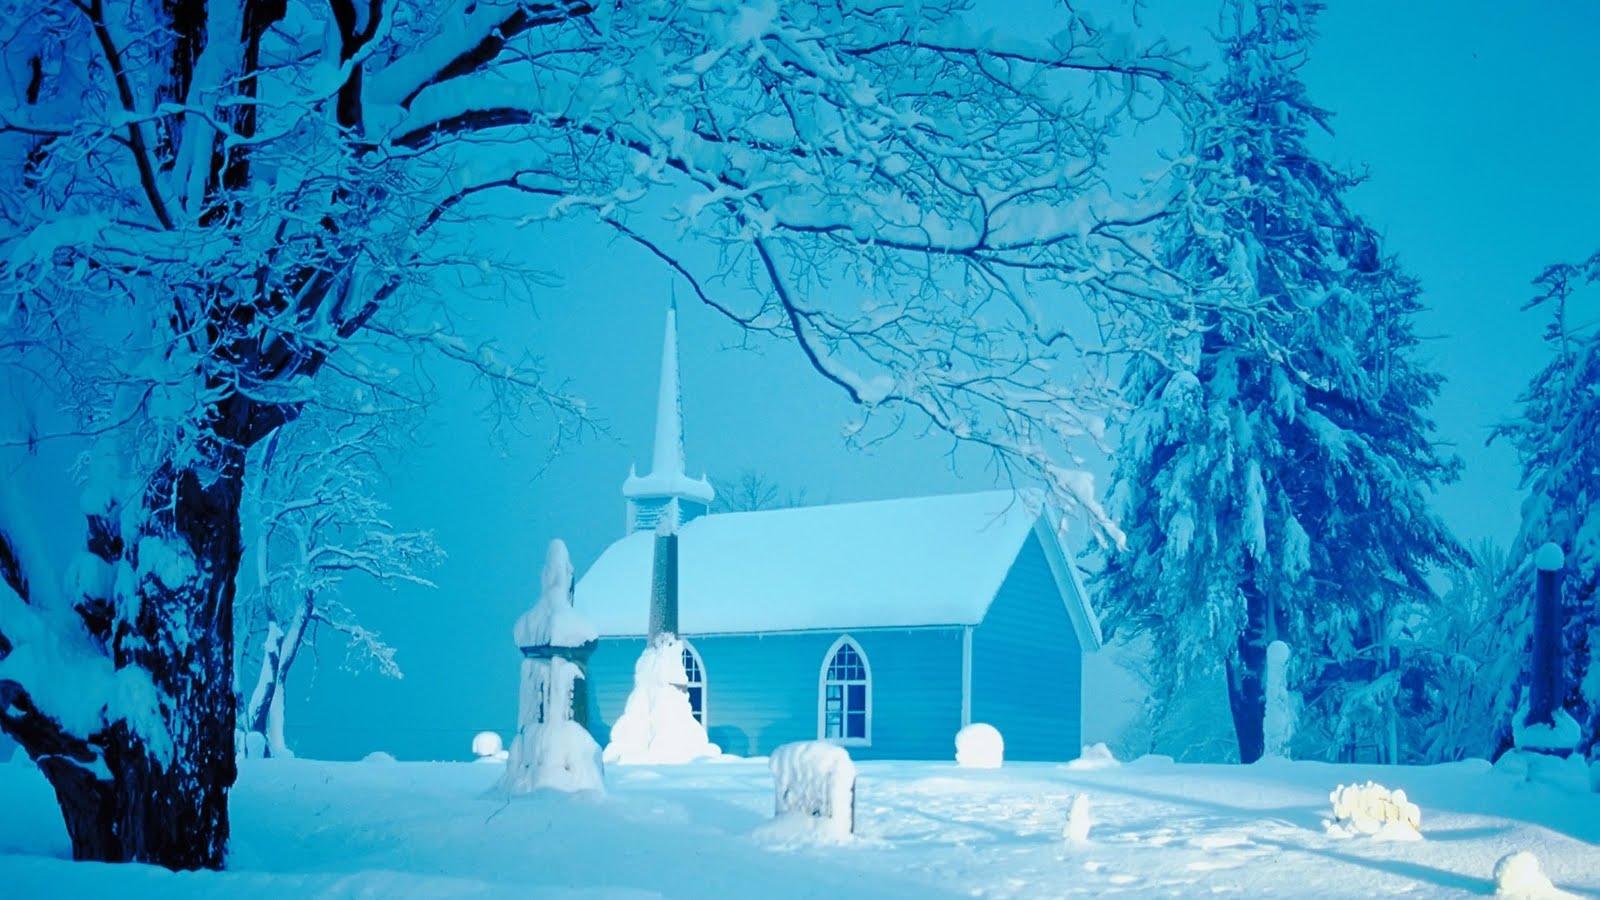 http://1.bp.blogspot.com/-friarQ4FFCQ/Twn9ulTbuEI/AAAAAAAAARA/lkt1BCR-Stc/s1600/Winter_Church_1920x1080-HDTV-1080p.jpg